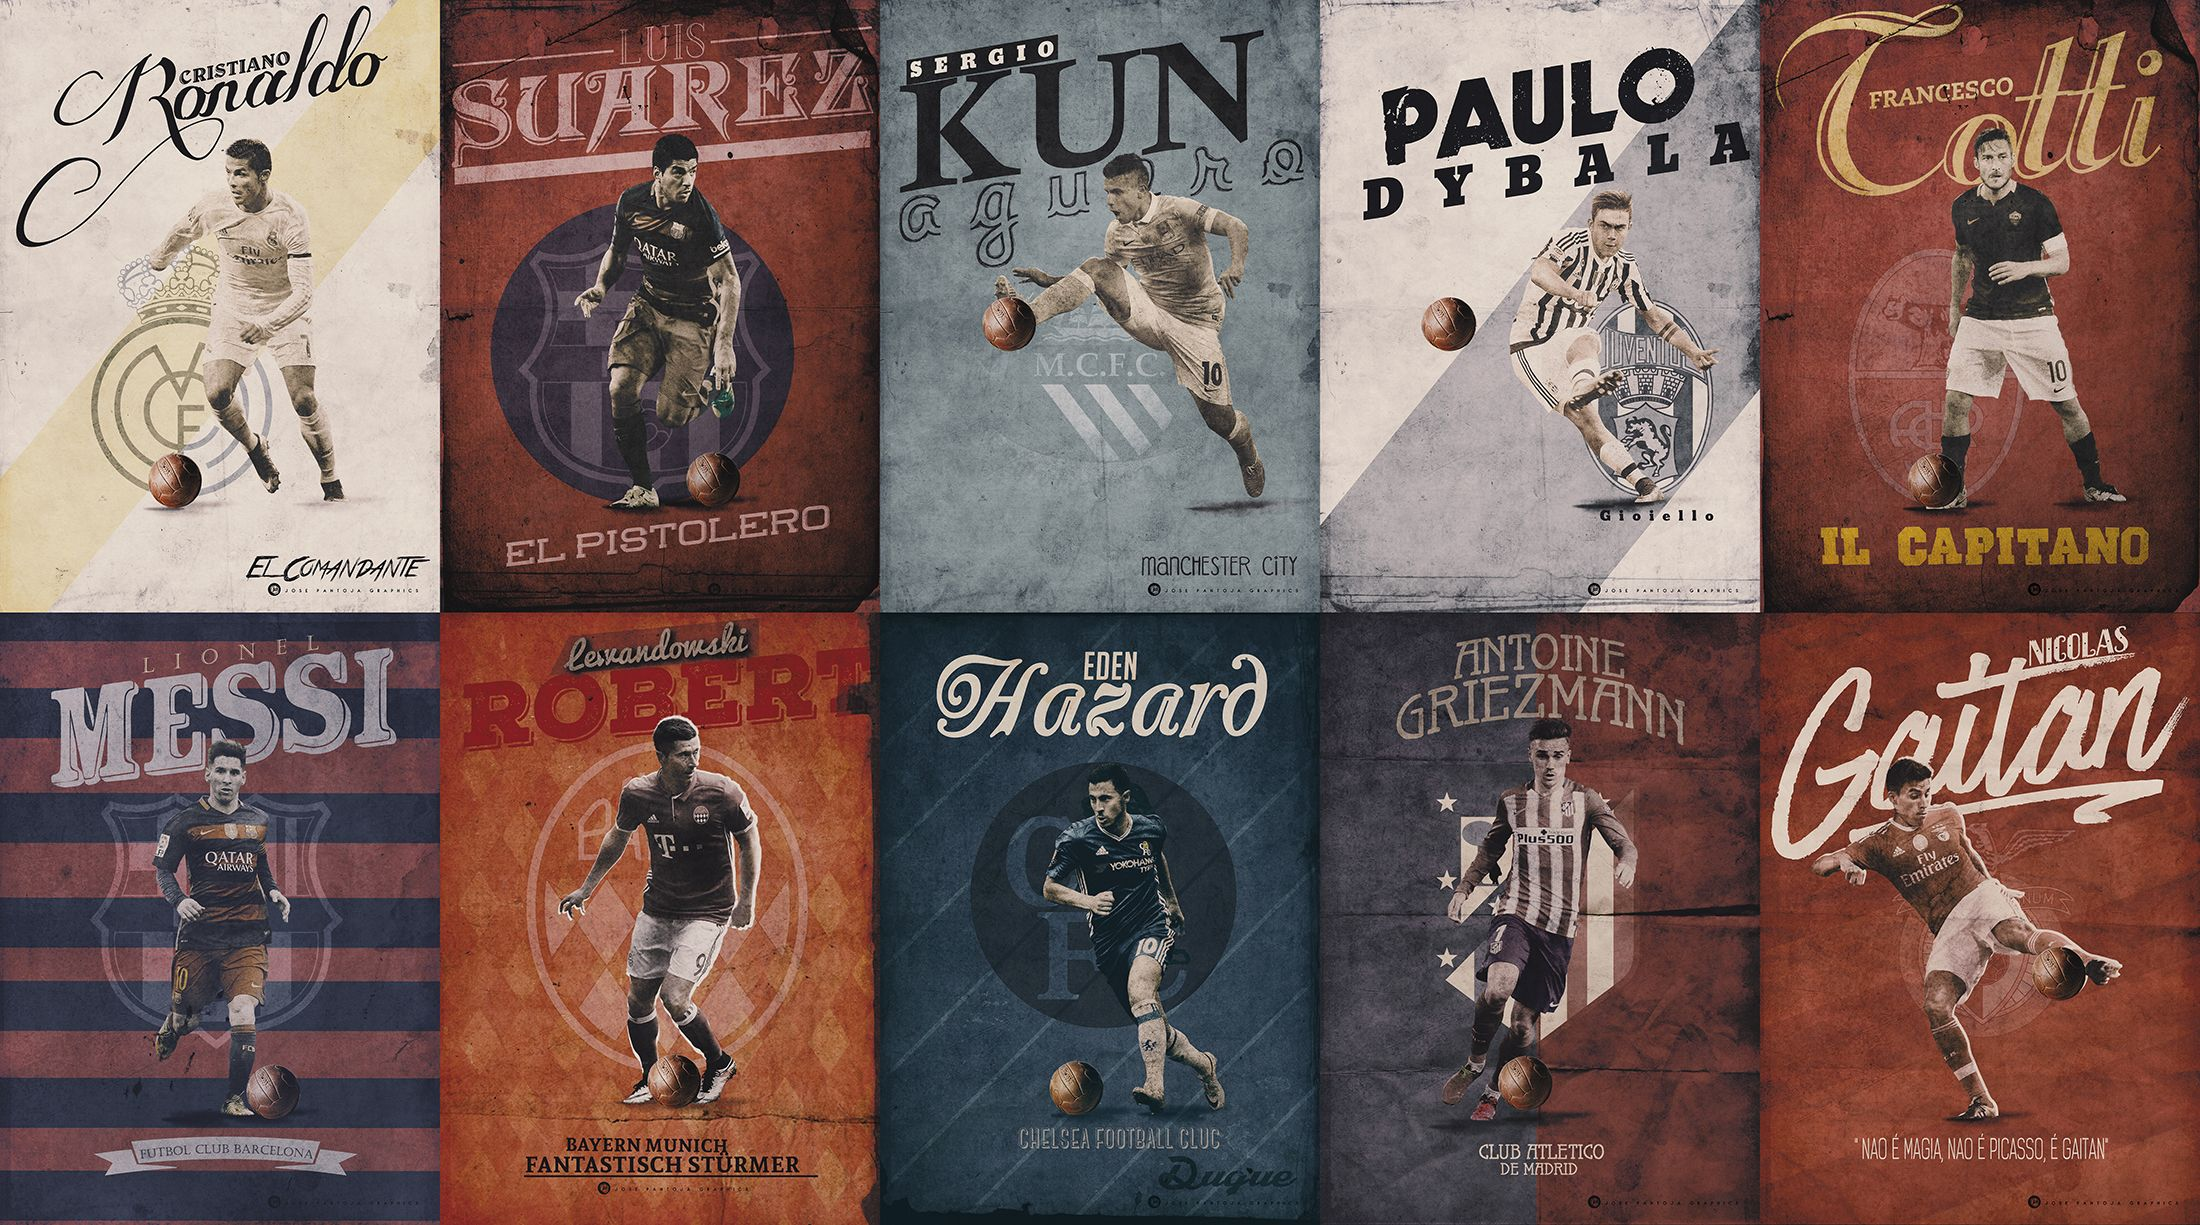 Jose Pantoja Vintage Posters